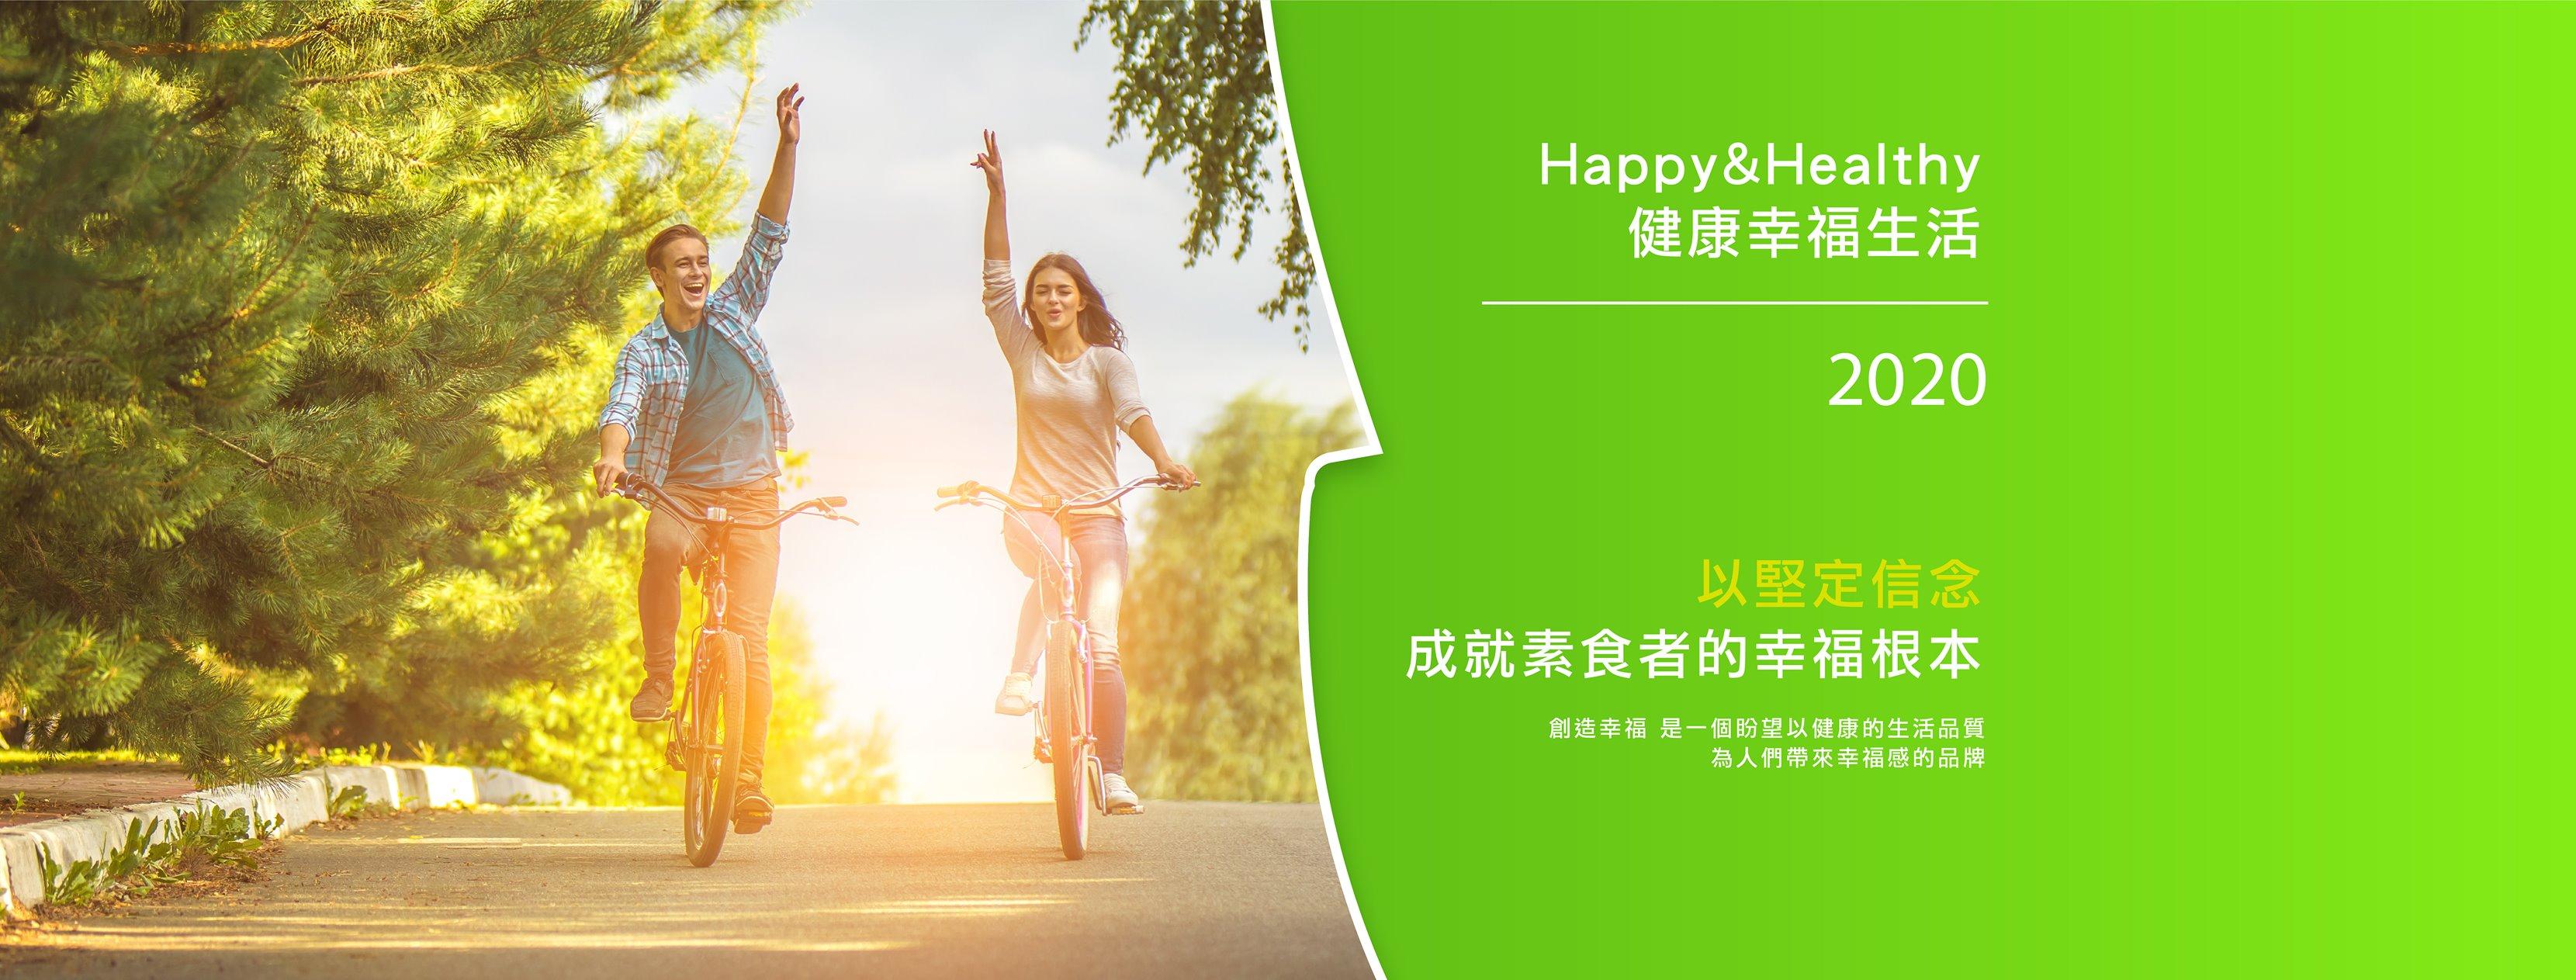 健康幸福生活 x 堅持與初衷